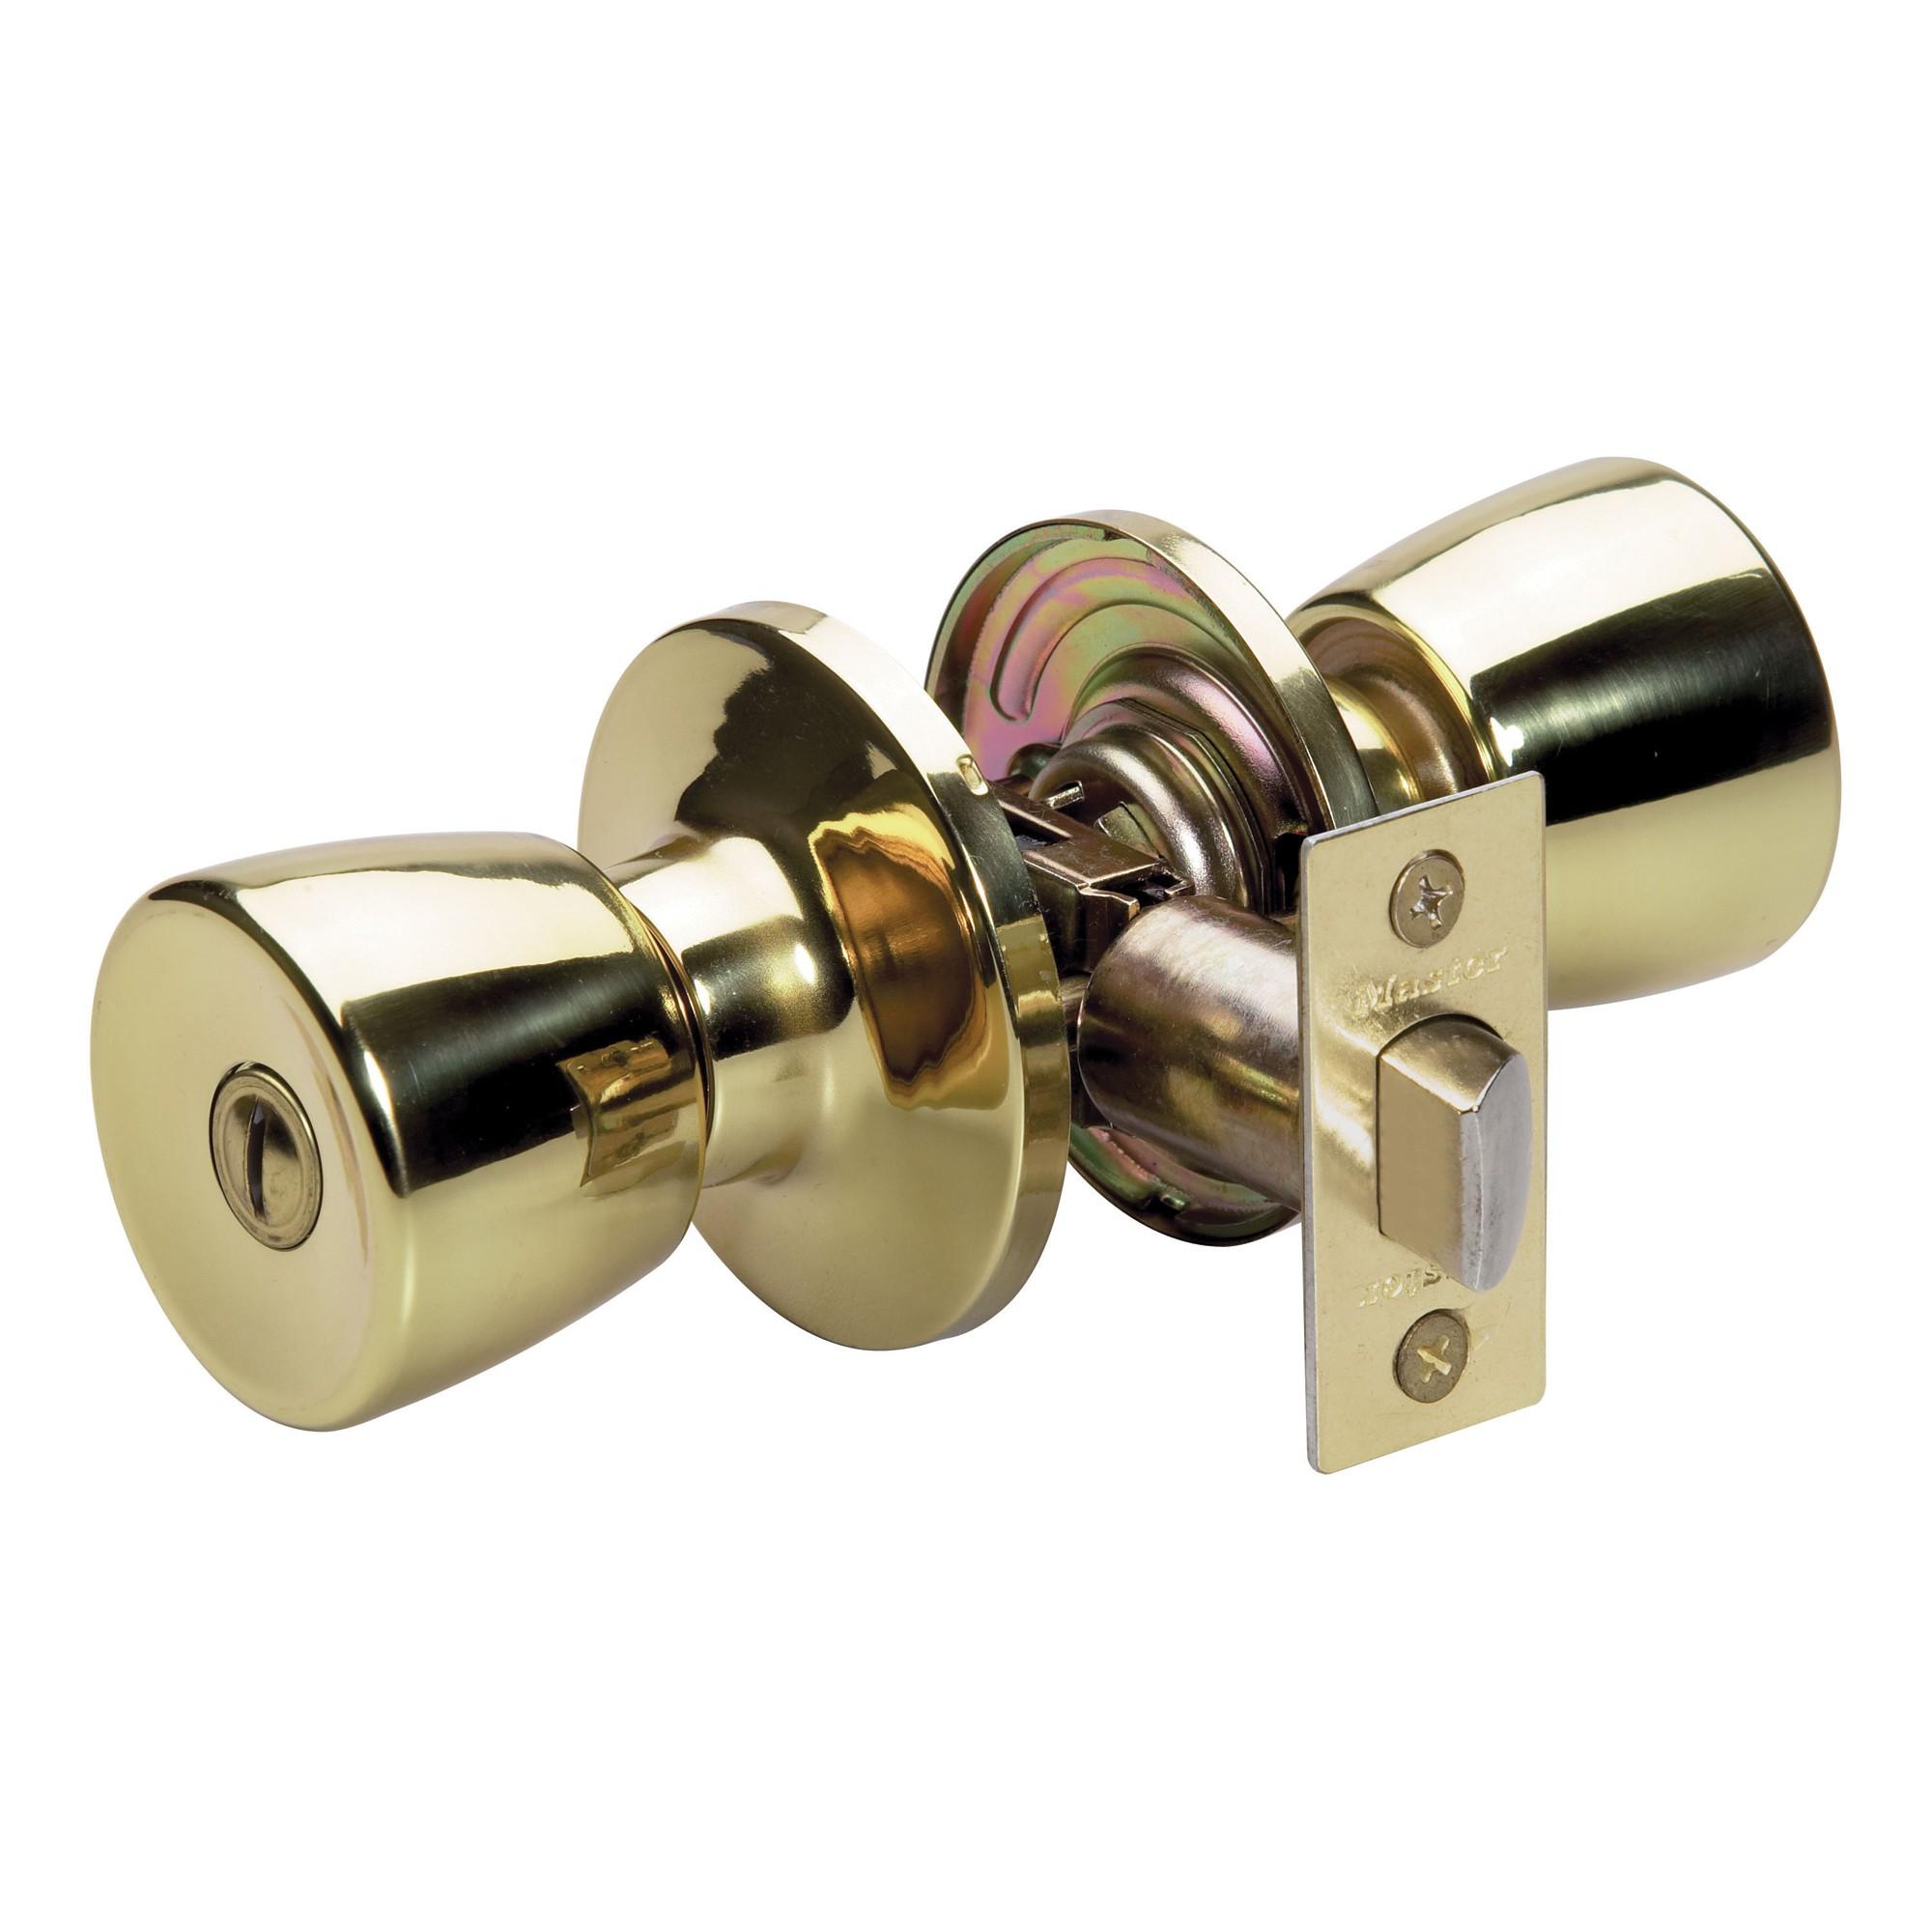 locking interior door knob photo - 3